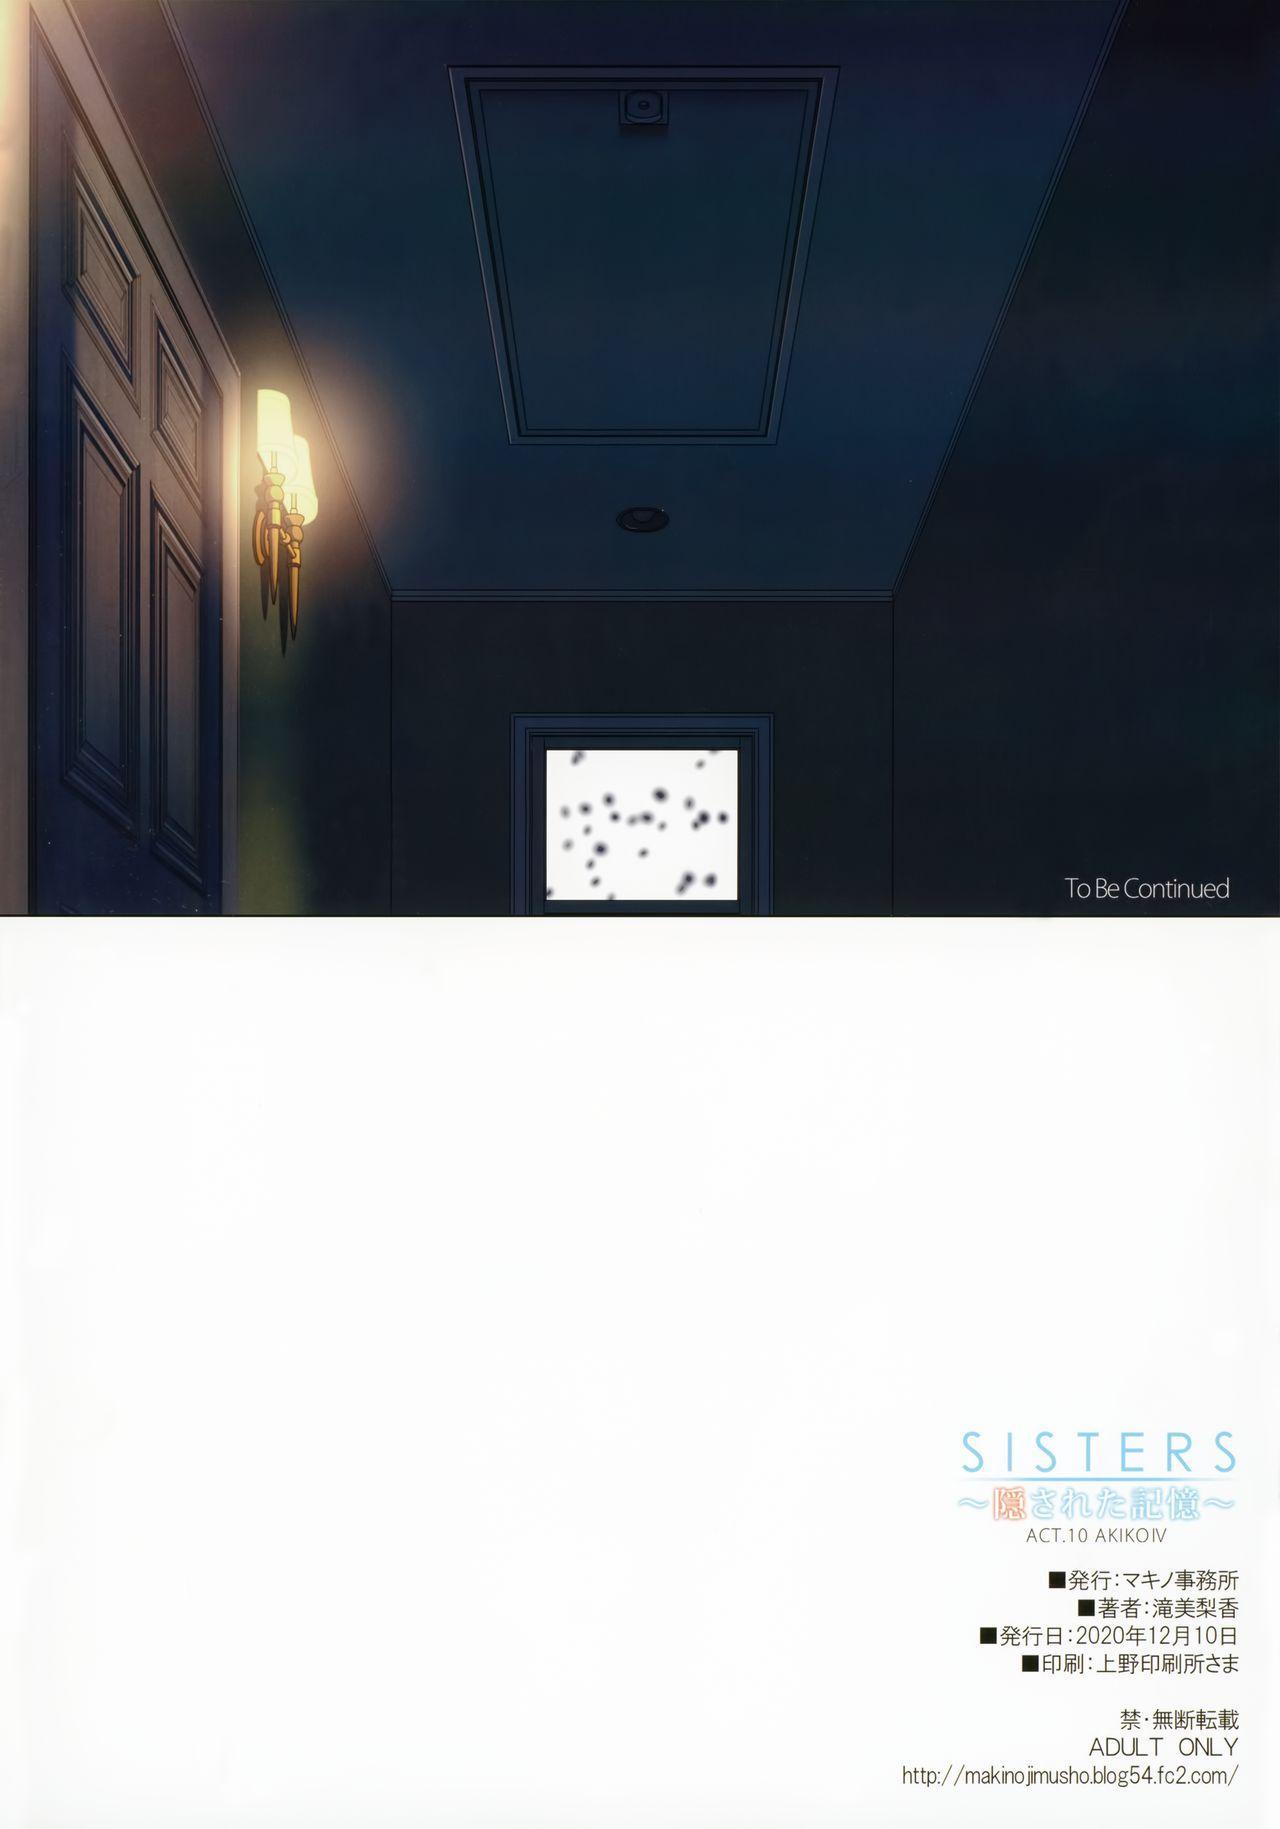 (AC2) [Makino Jimusho (Taki Minashika)] SISTERS ~Kakusareta Kioku~ ACT.10 AKIKO Ⅳ (SISTERS -Natsu no Saigo no Hi-) [Chinese] [不咕鸟汉化组] 21